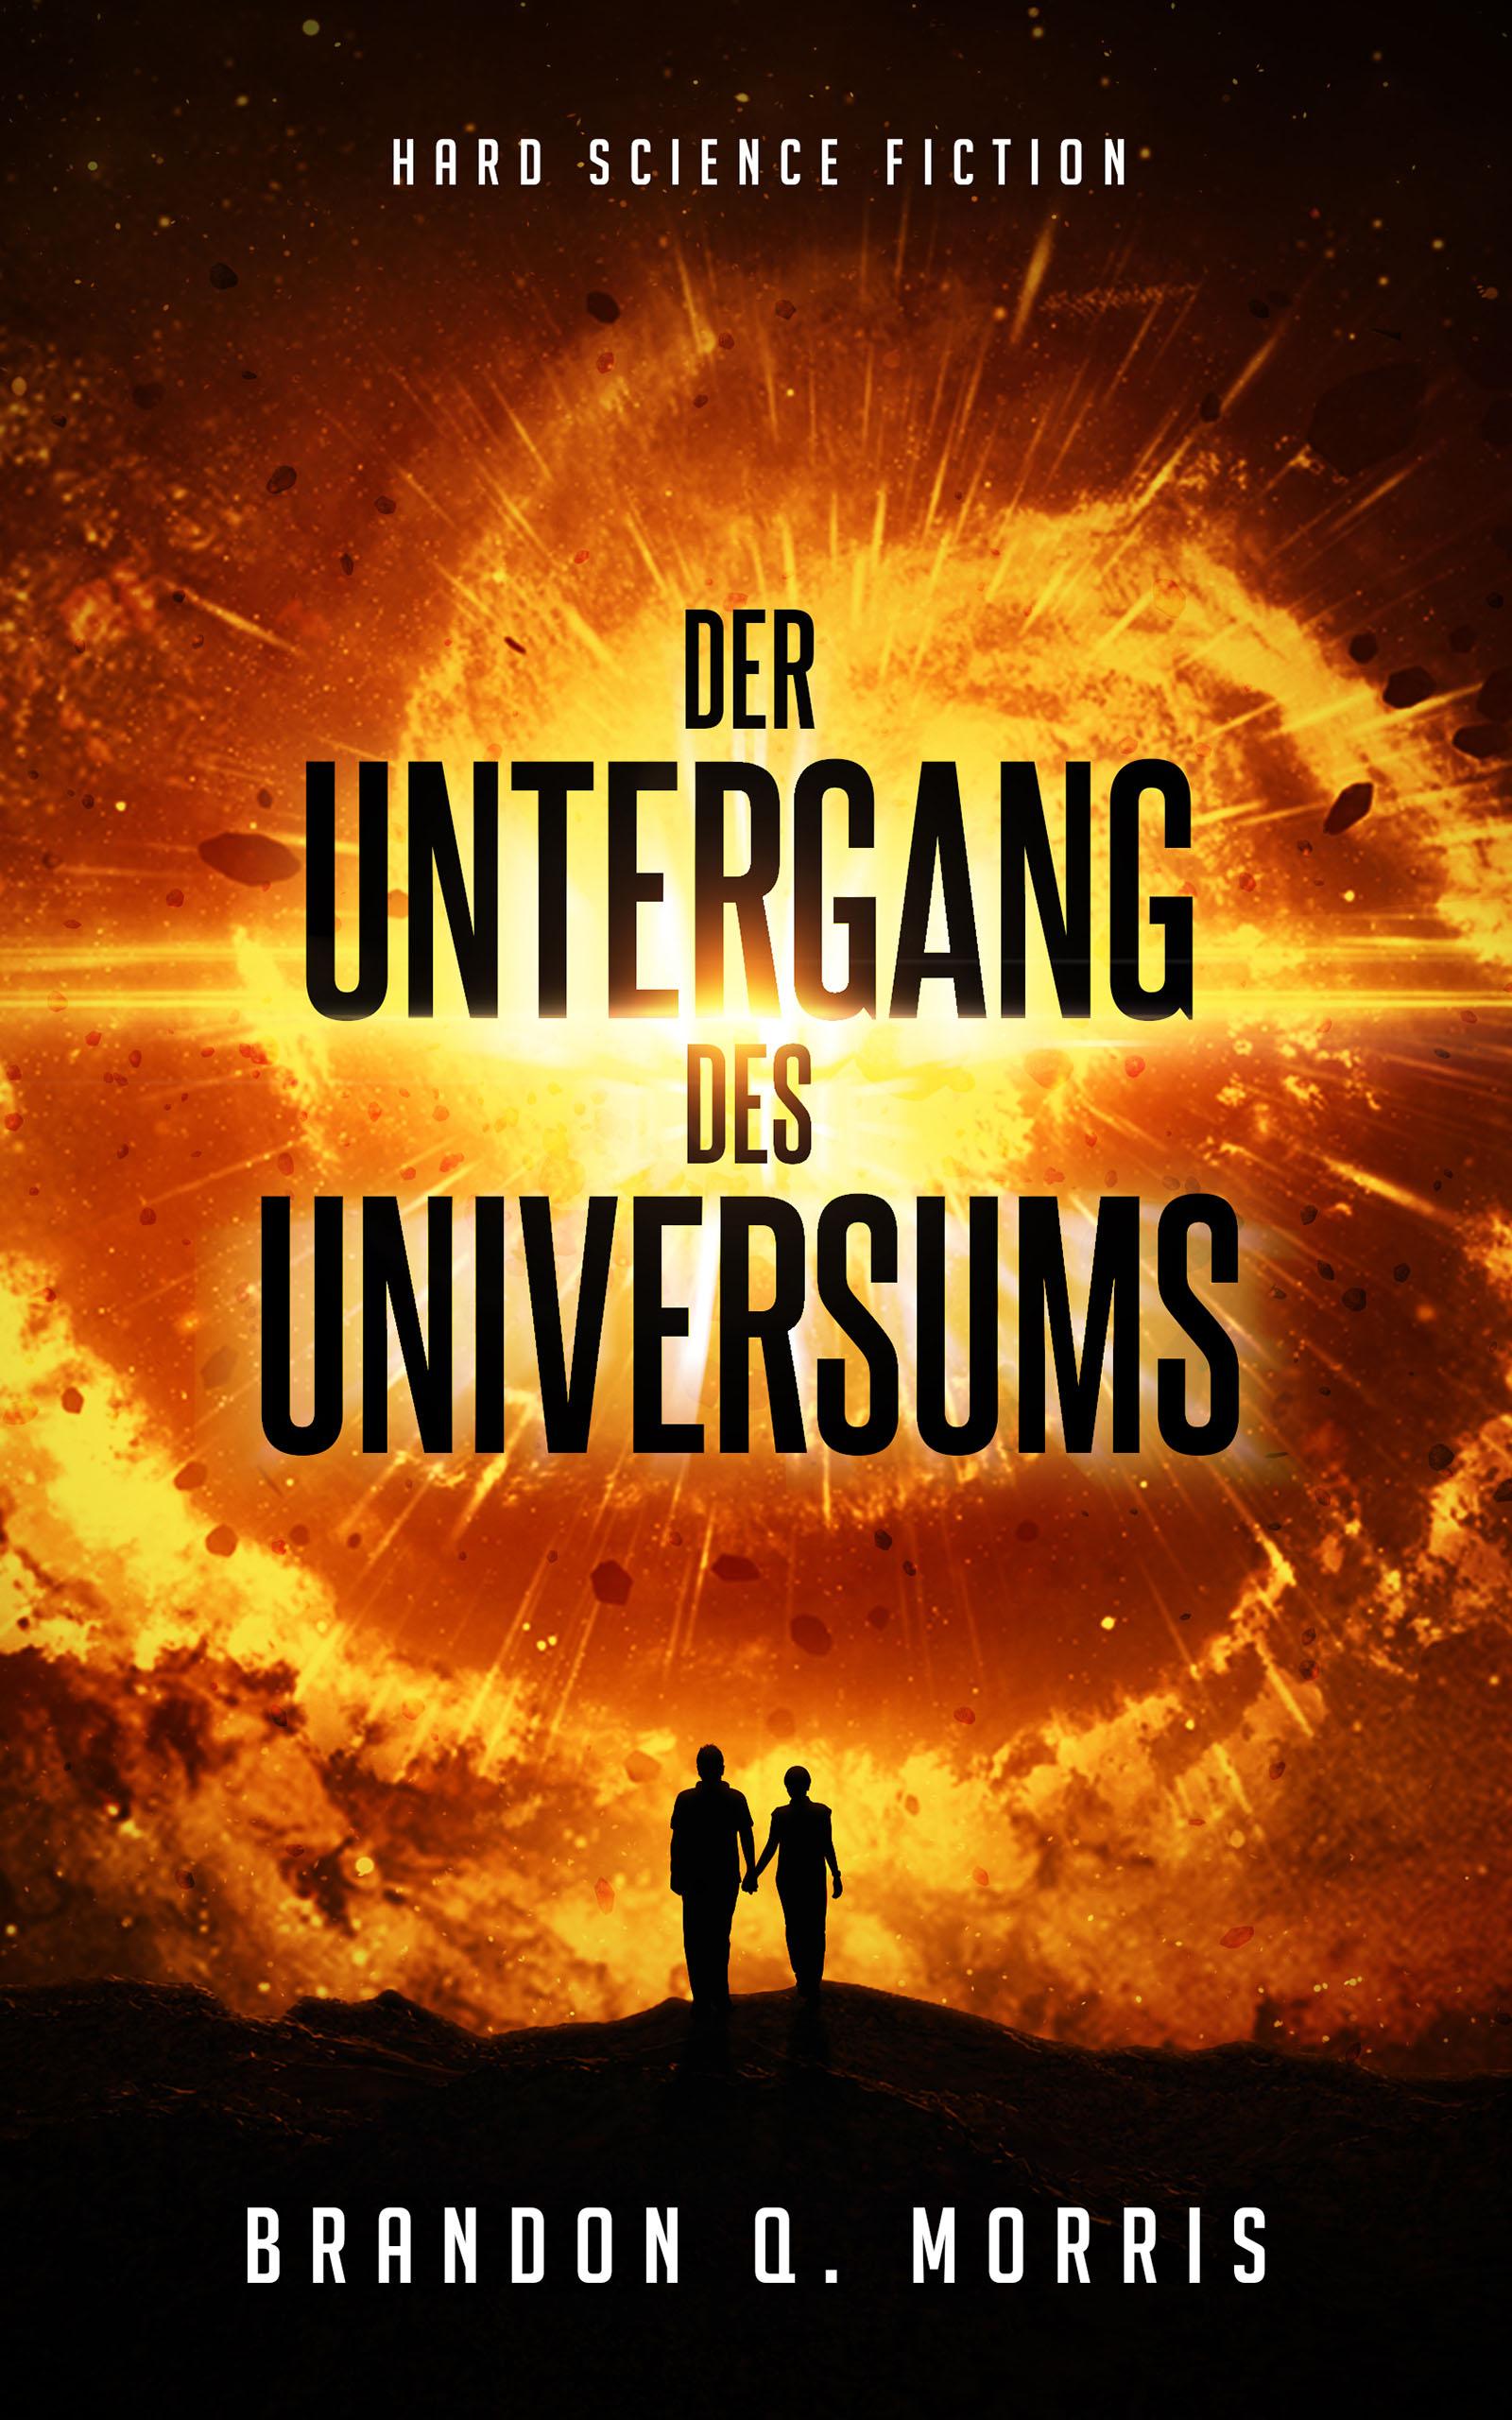 morris_brandon_q_der_untergang_des_universums_phantastik-autoren-netzwerk.jpg